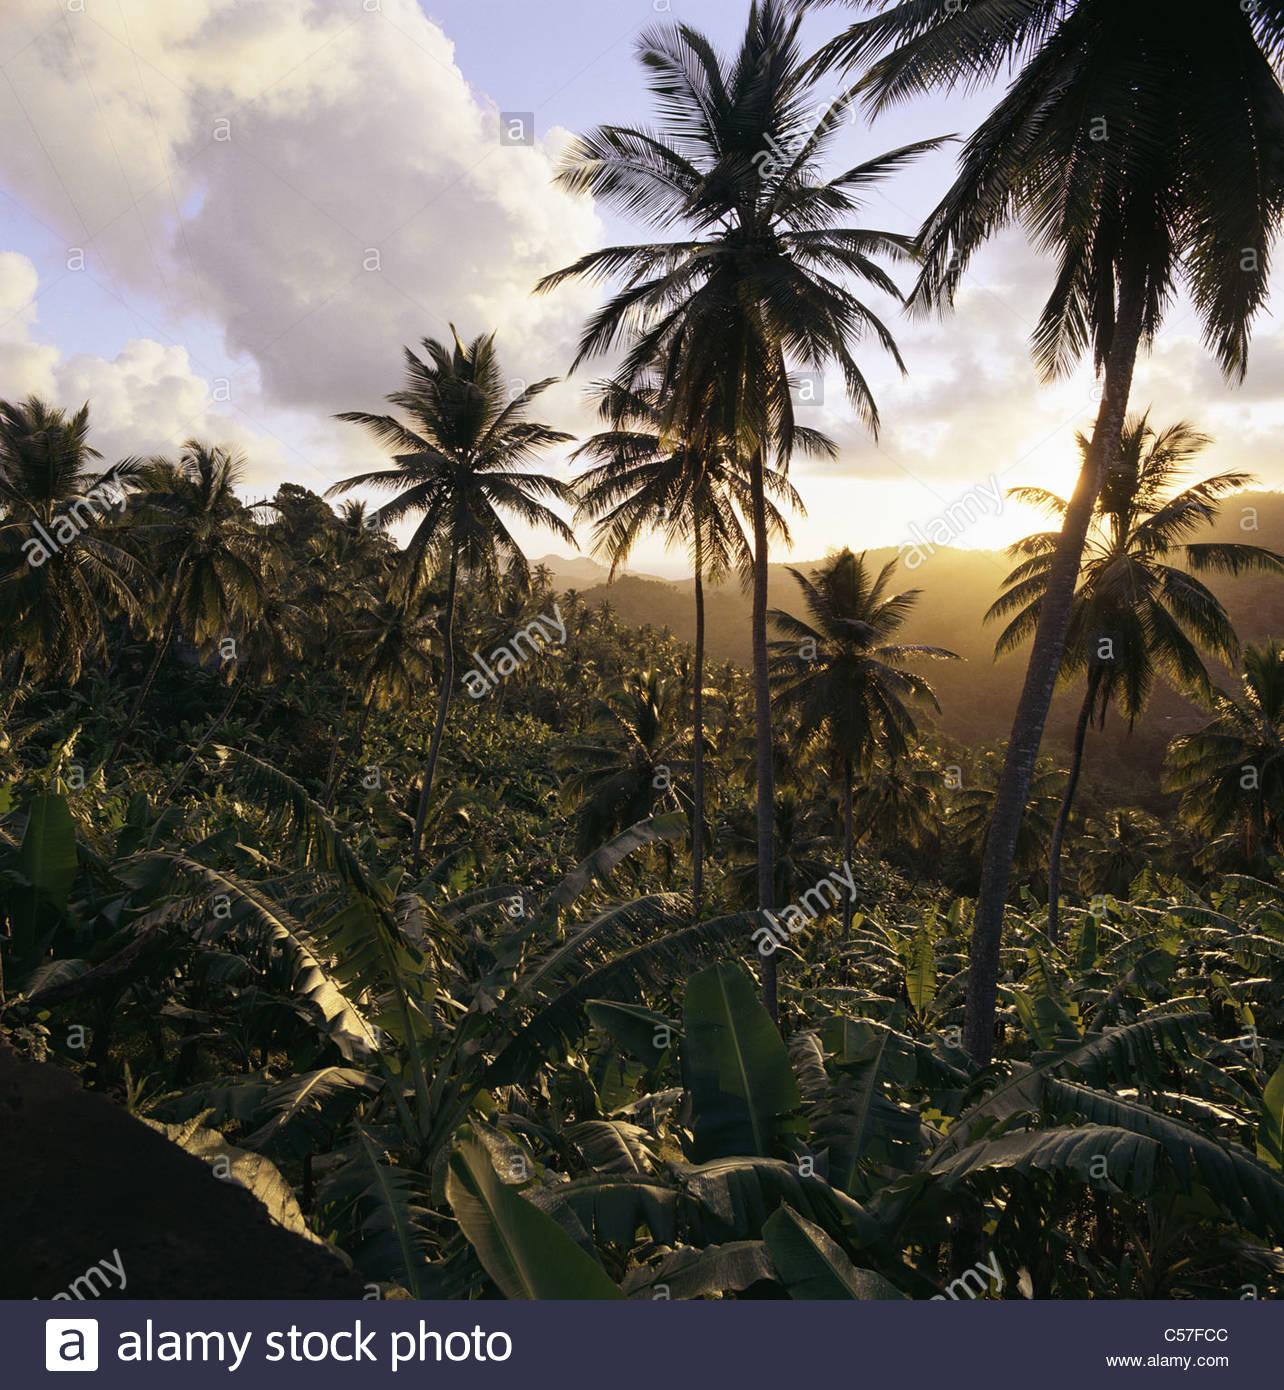 Palmen in ländlichen Landschaft Stockfoto